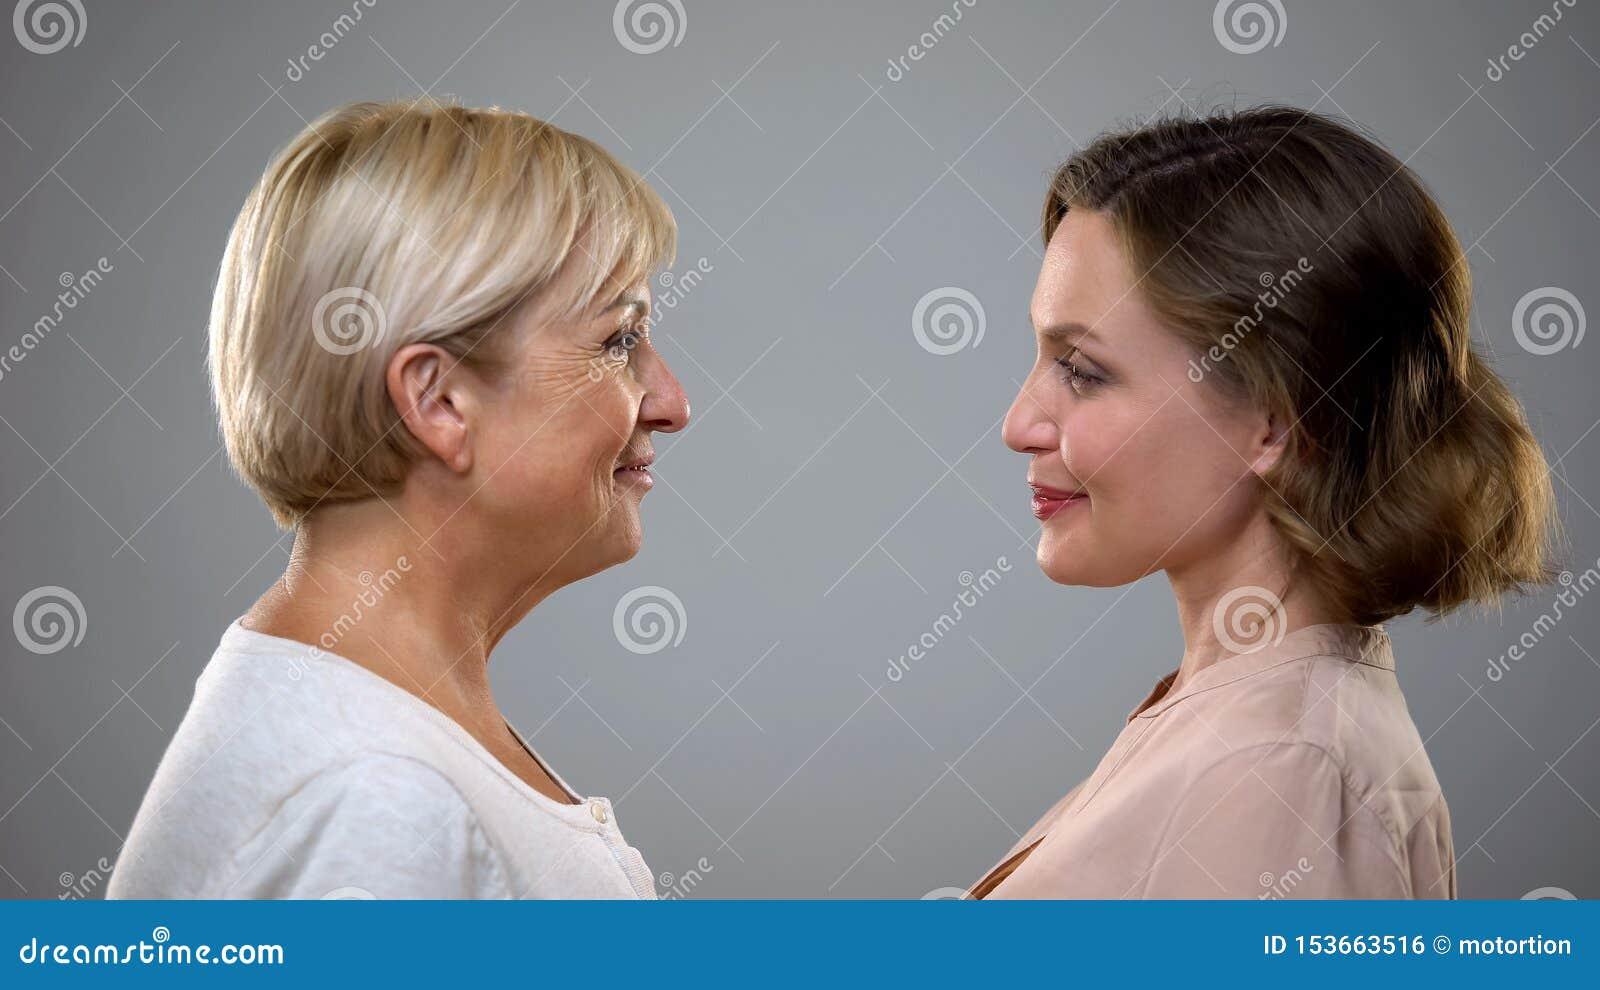 Processo de envelhecimento, mum adulto e filha olhando se, reflexão futura